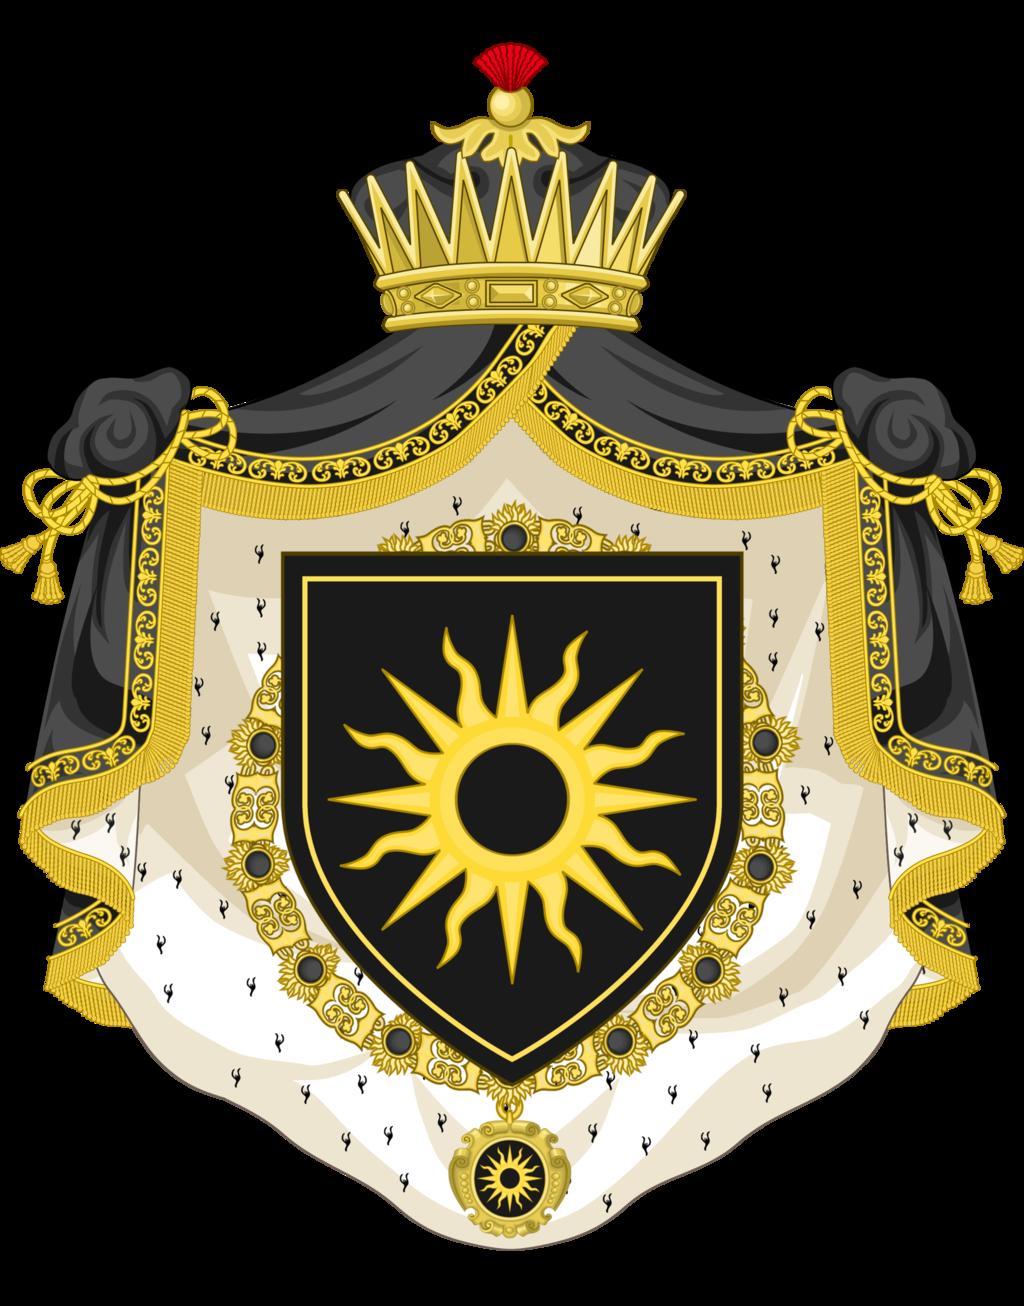 Le système politique de Dùralas (2/3) - Les guildes 6562a4e2b44d7b50c33f2d65c0e3186e